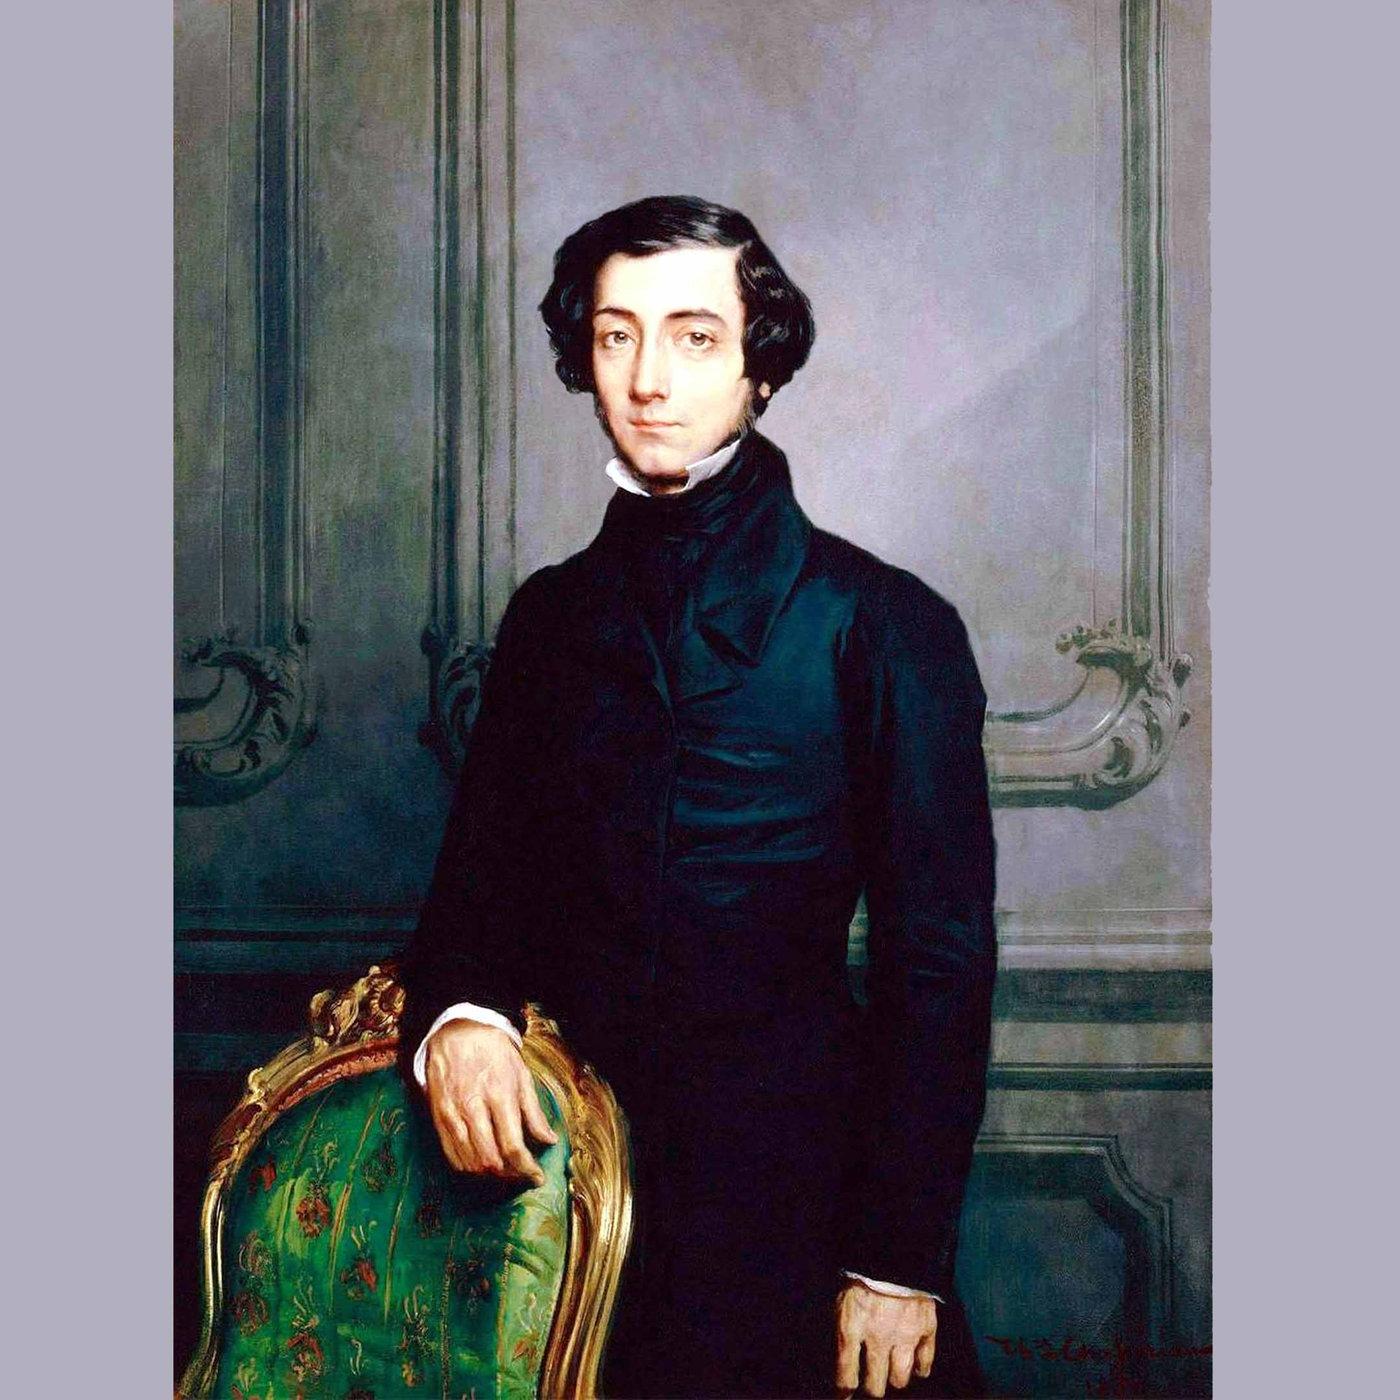 Alexis de Tocqueville, politischer Denker (Geburtstag 29.7.1805)